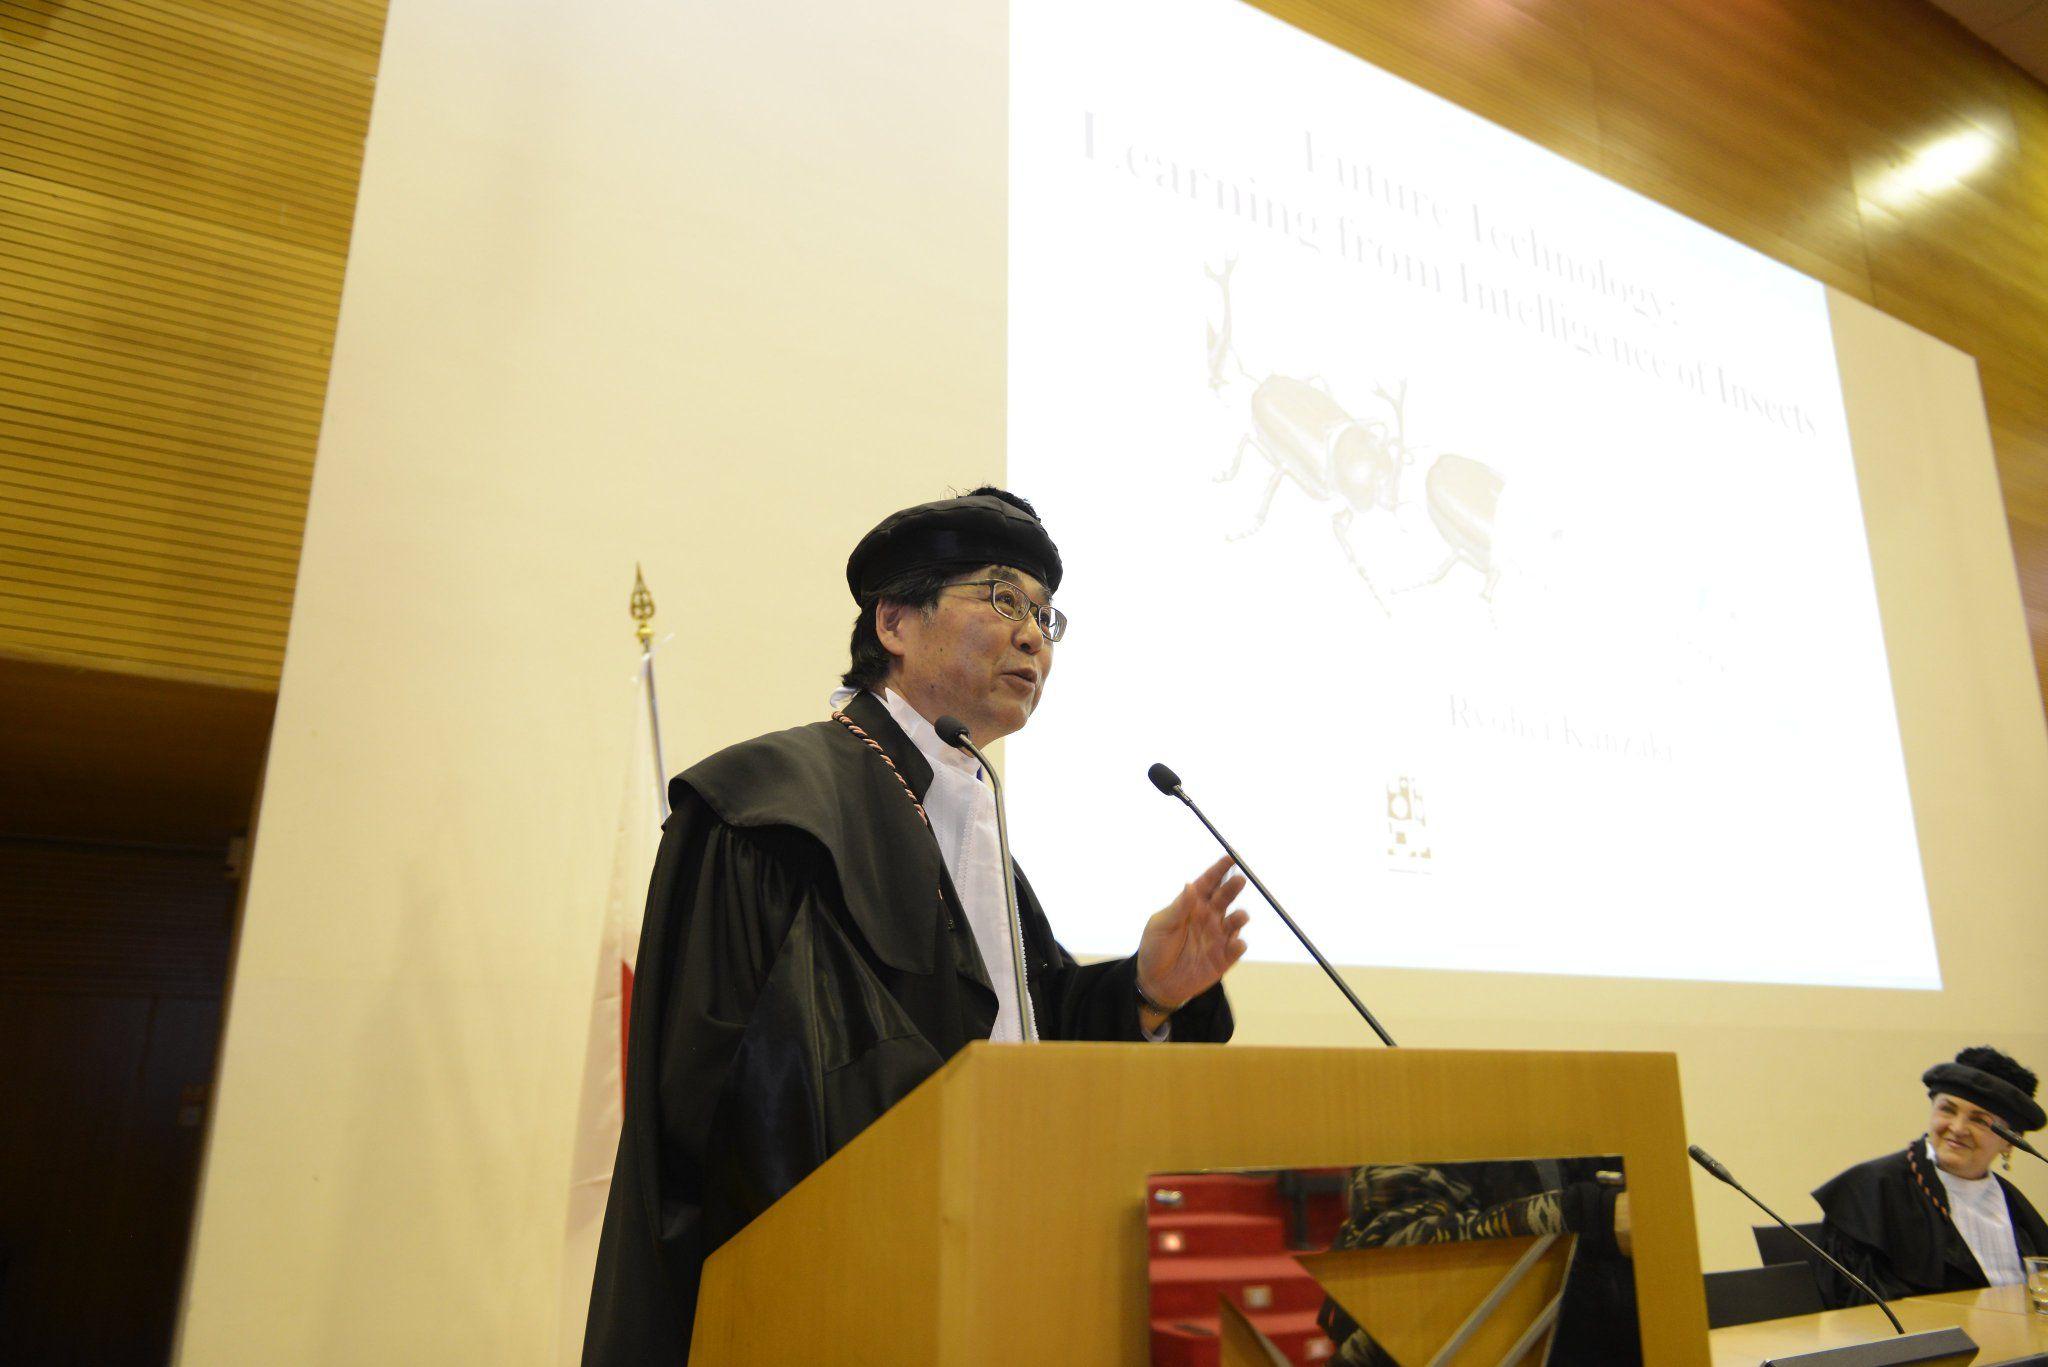 Università Milano-Bicocca: Laurea honoris causa a Ryohei Kanzaki